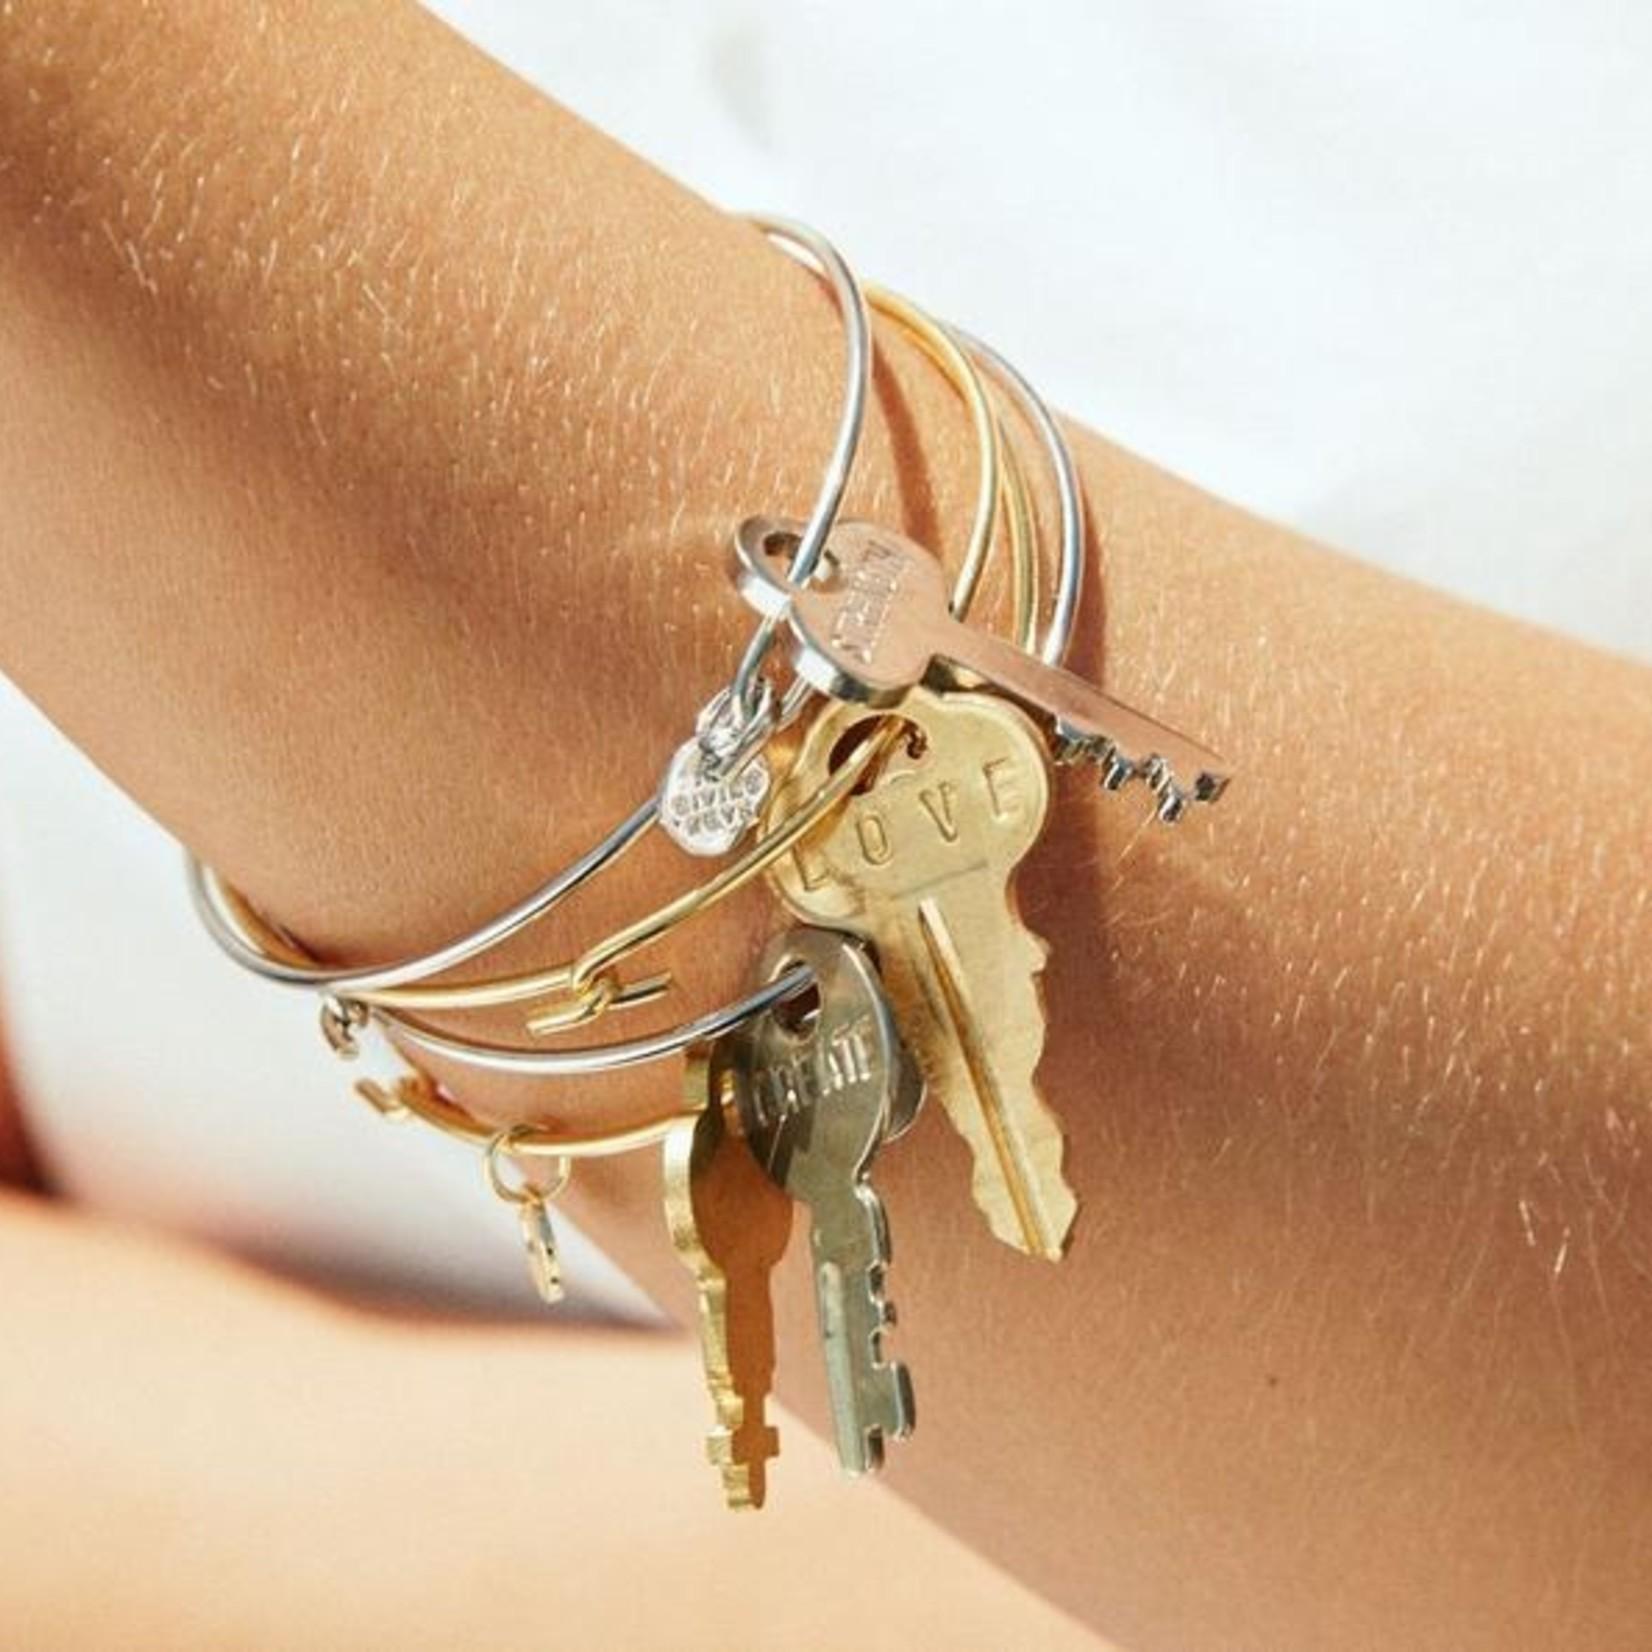 The Giving Keys Dainty Key Bangle Bracelet